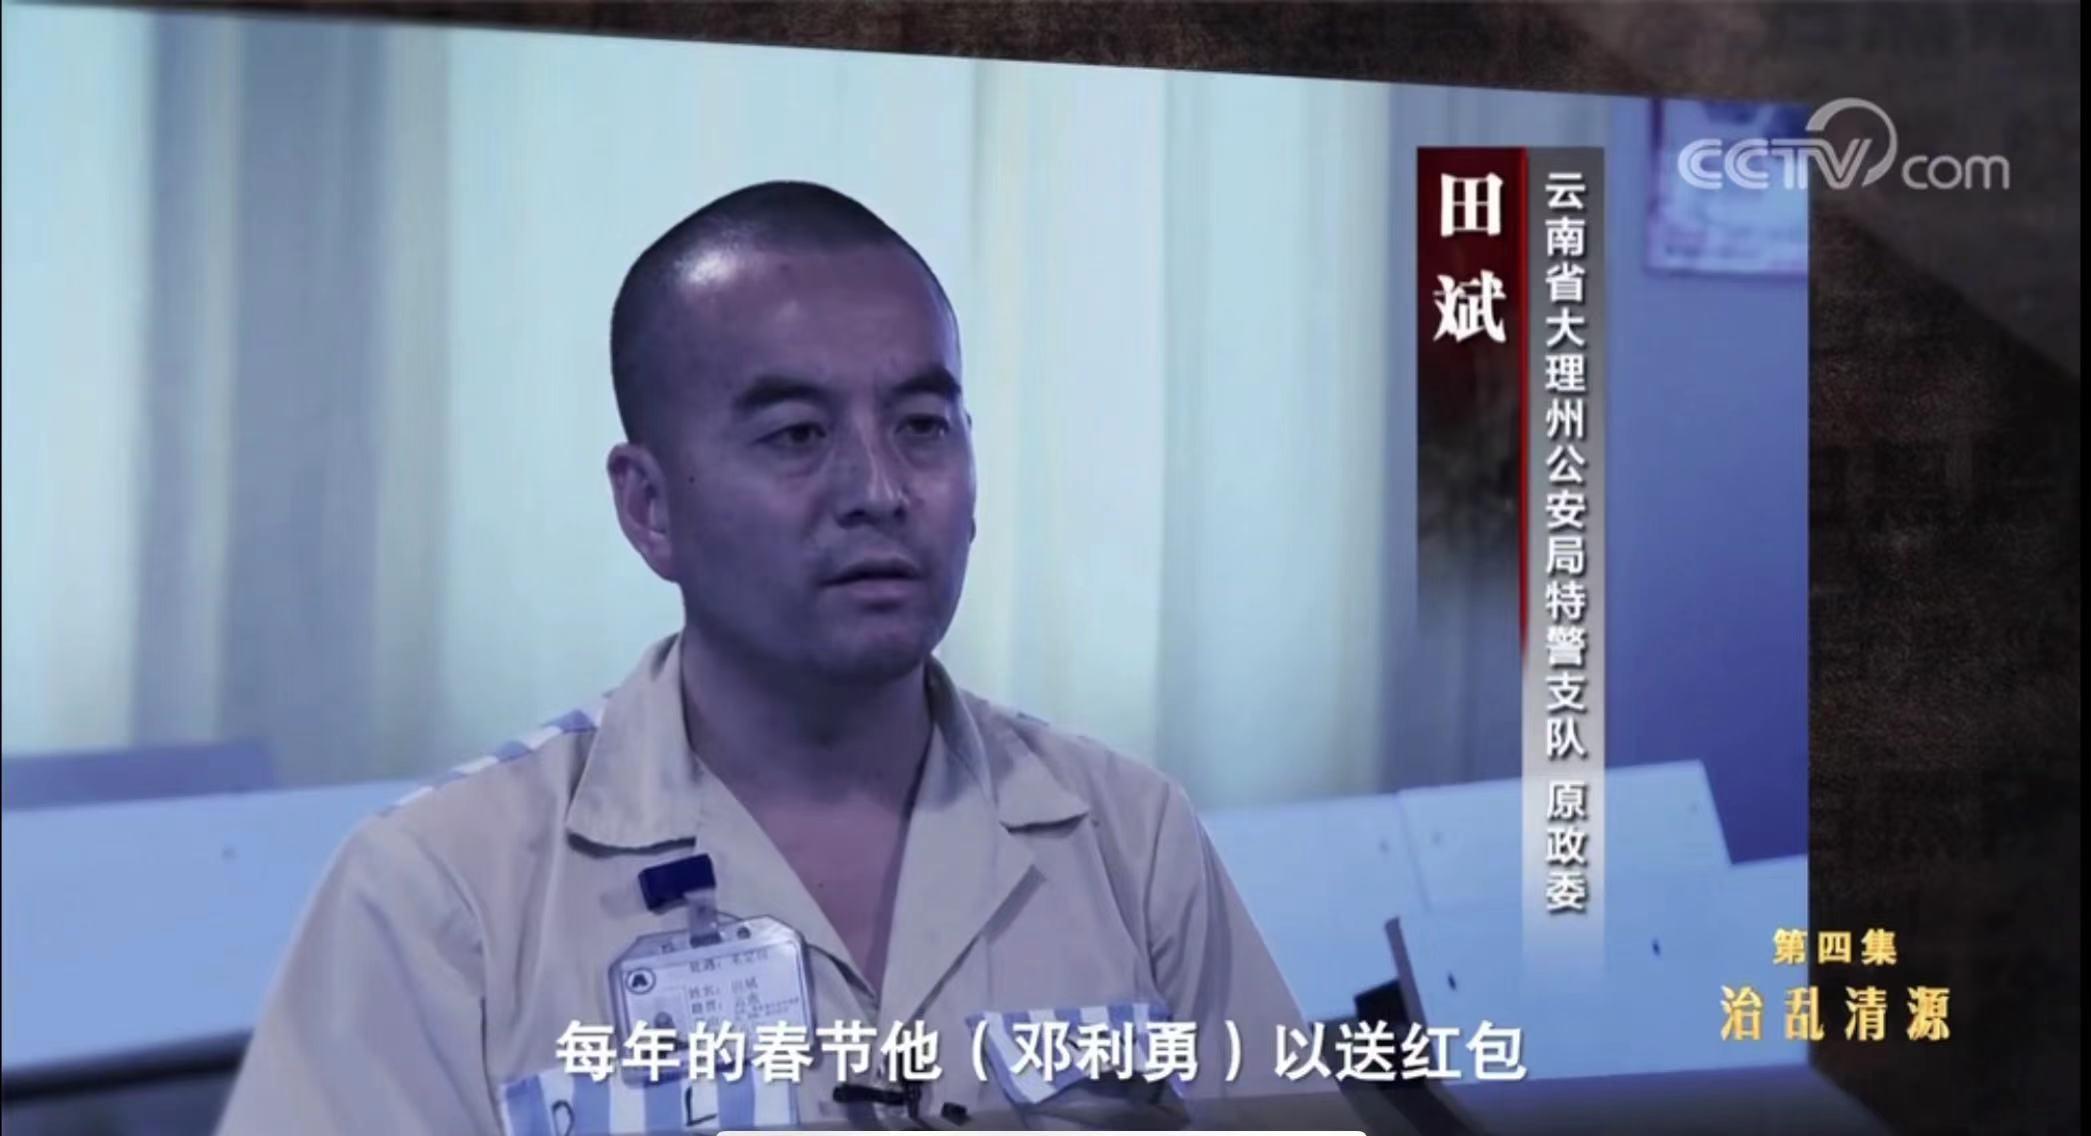 云南省大理州公安局特警支队原政委田斌。专题片视频截图